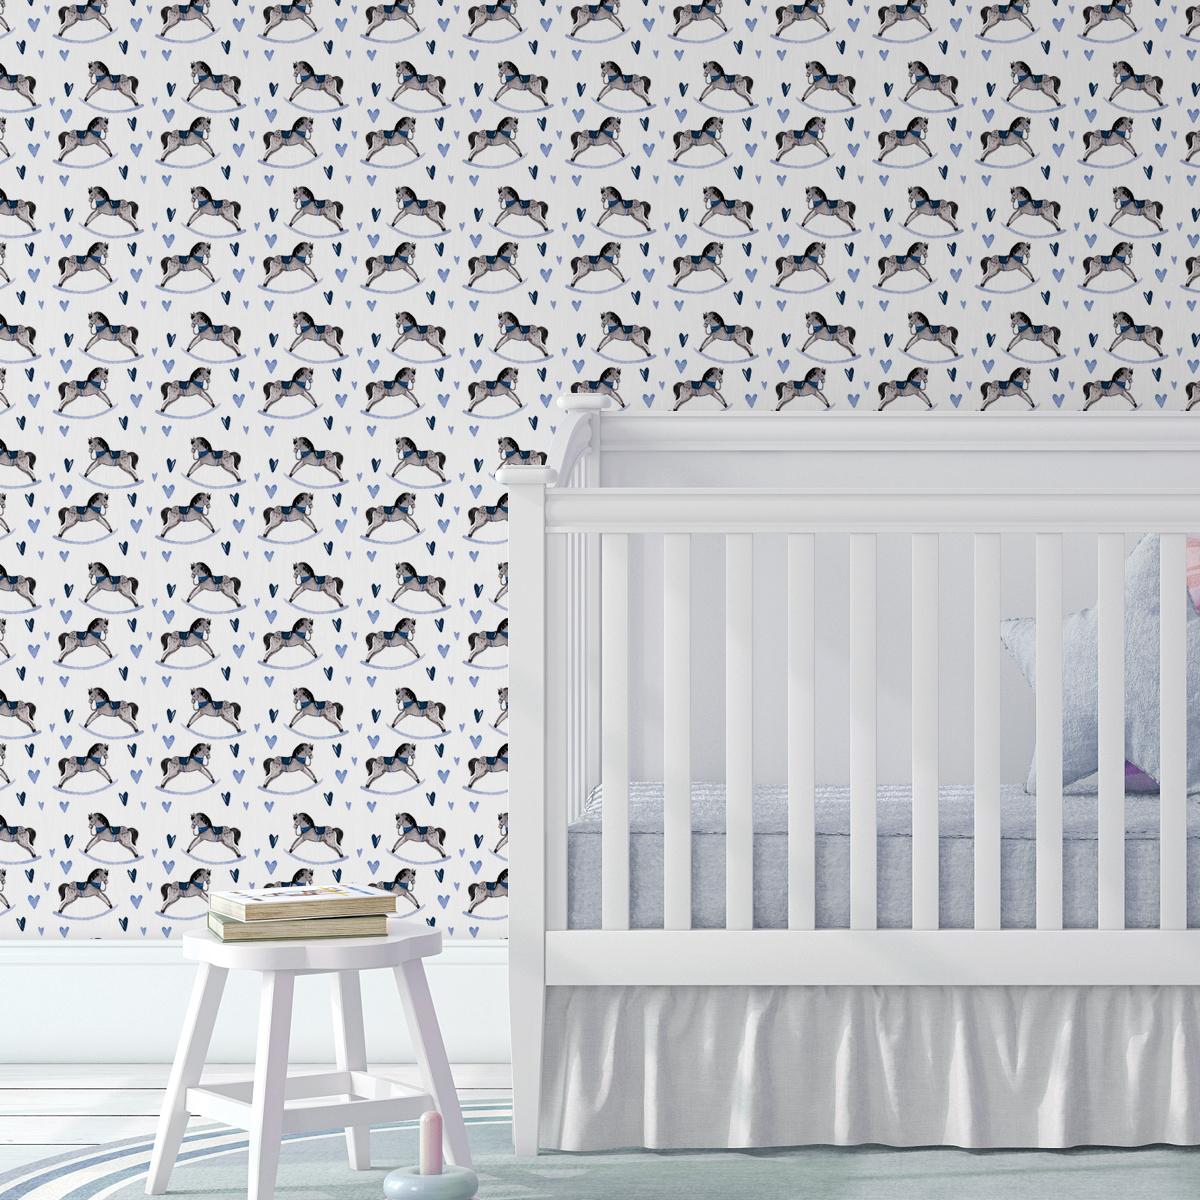 Kindertapete weiss: Baby Kinderzimmer Tapete